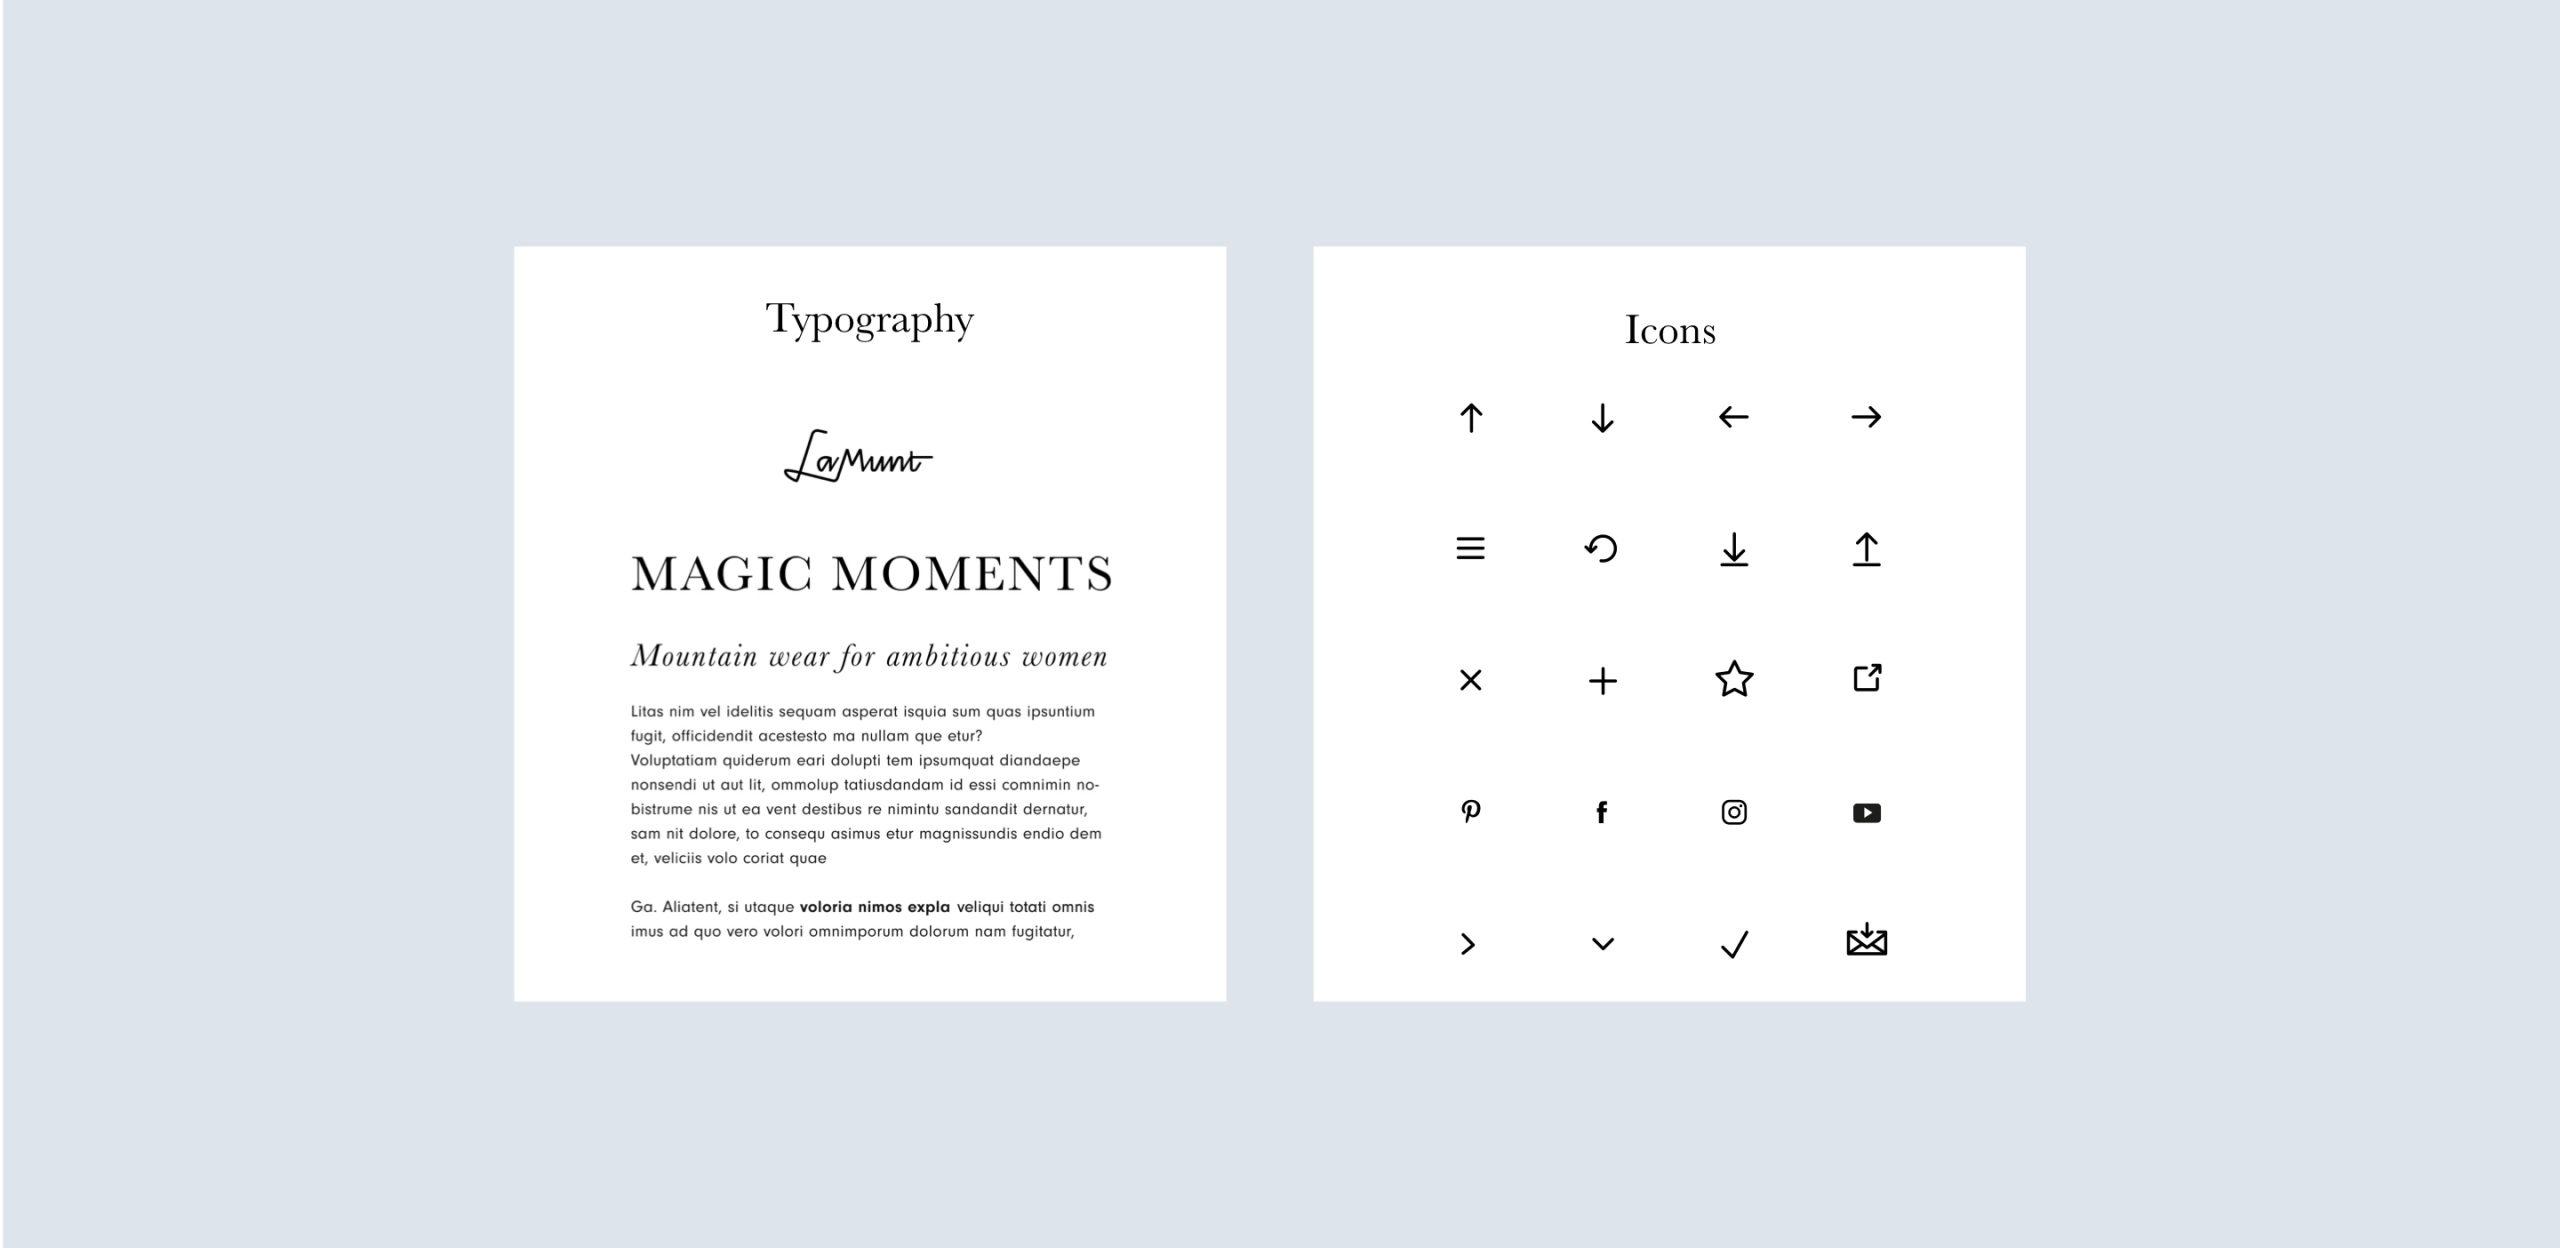 pascher-heinz-lamunt-launch-typography